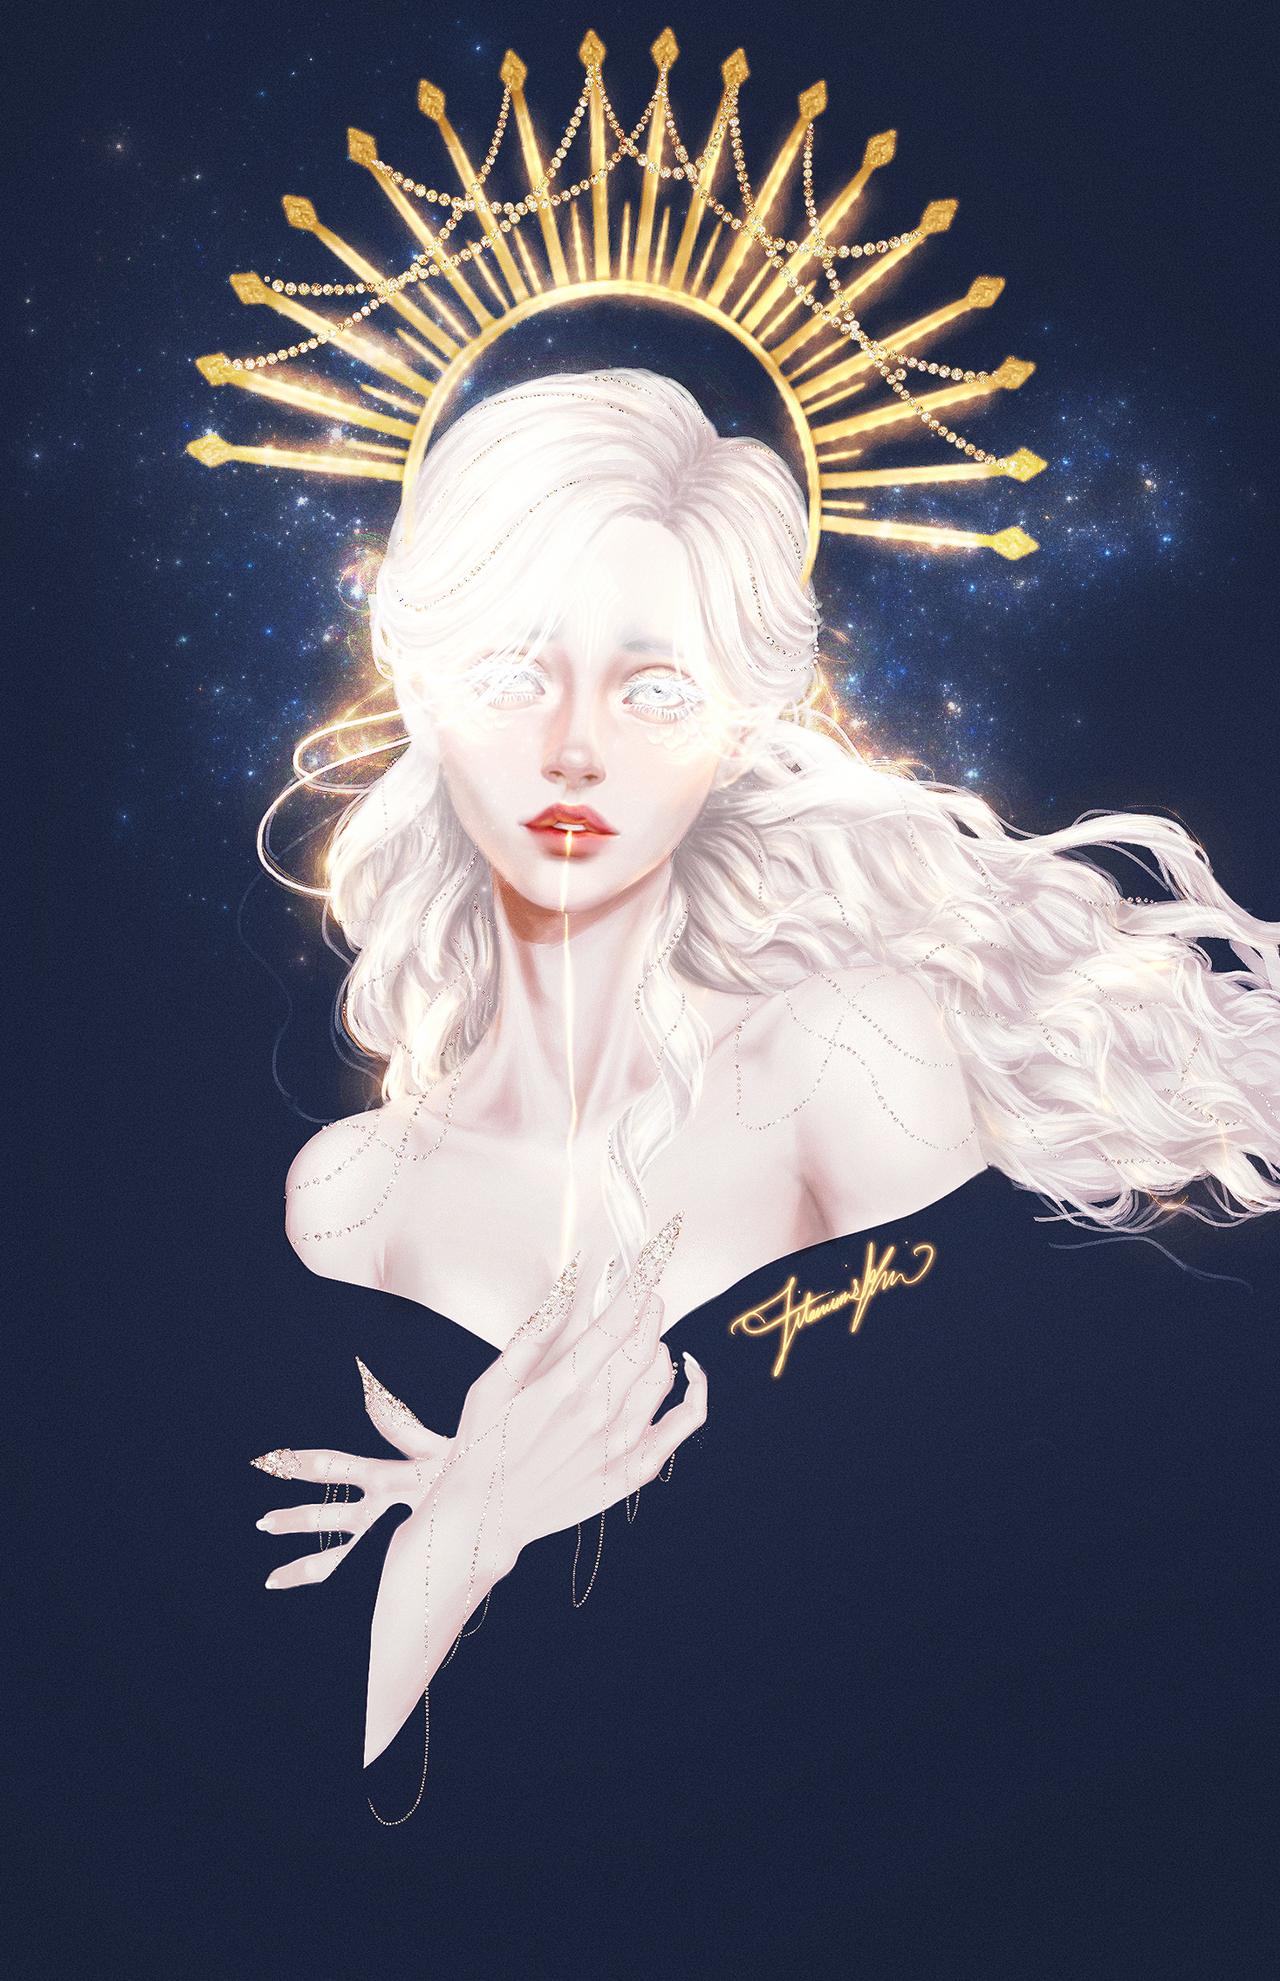 Lightbringer's Sorrow